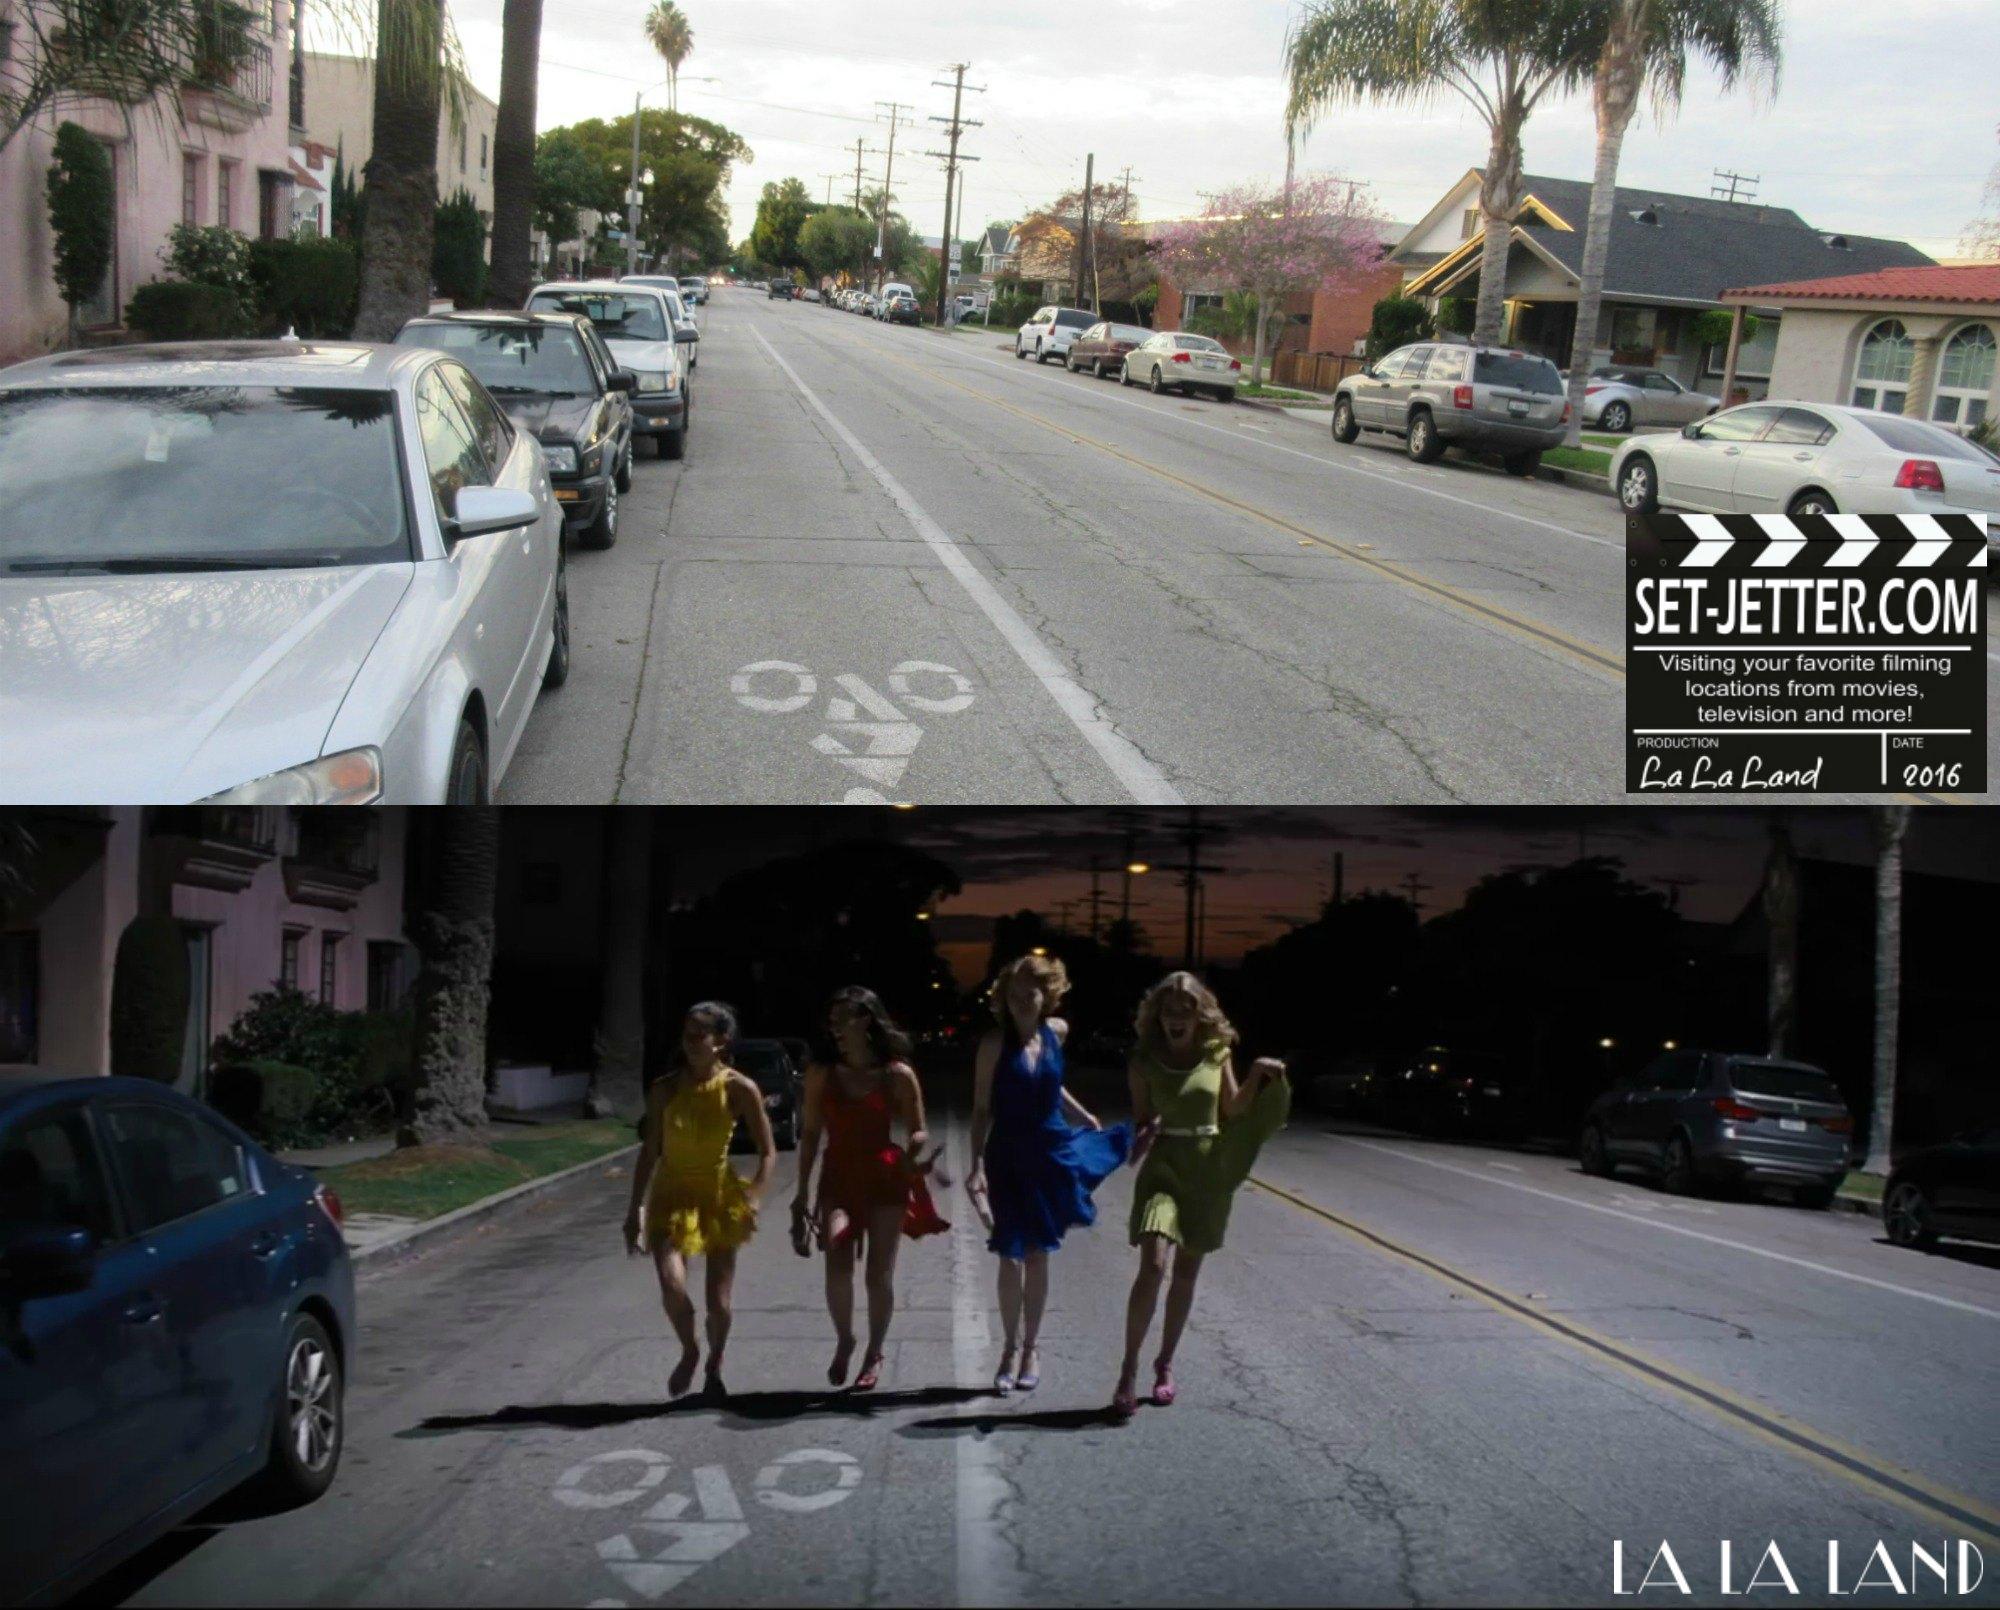 La La Land comparison 64.jpg